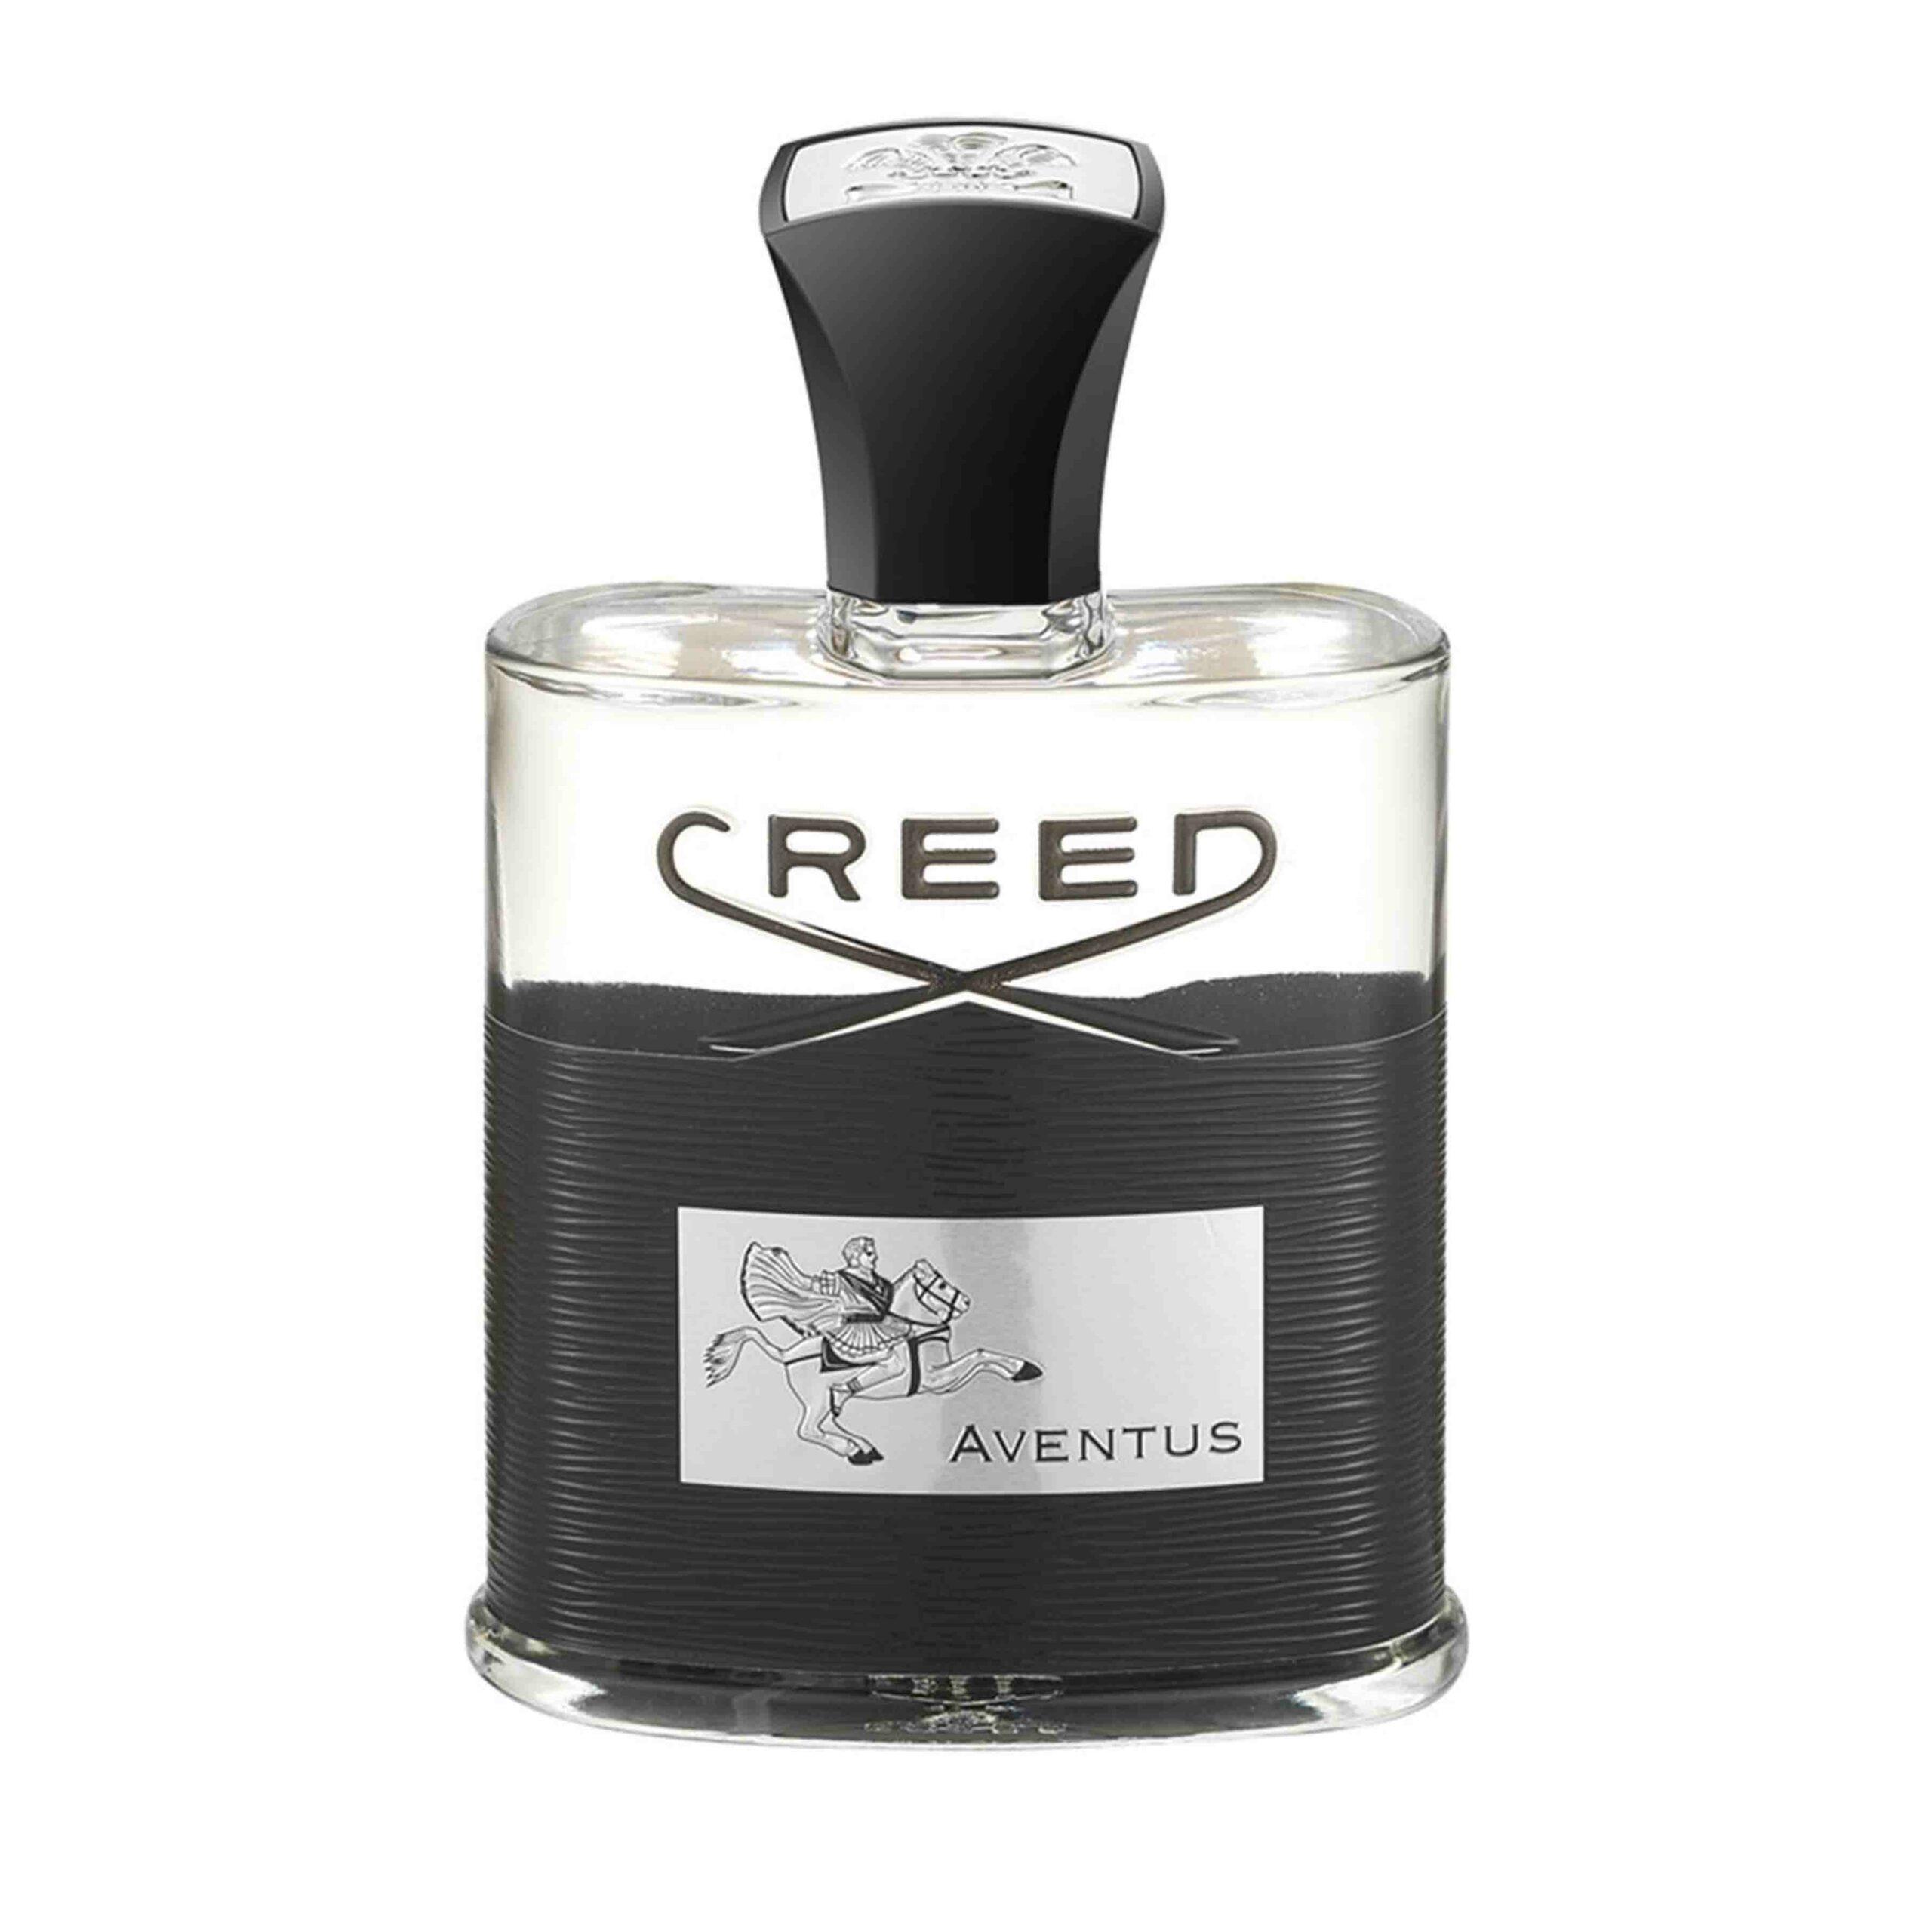 Die besten Parfums für Männer 2021: Creed - Aventus